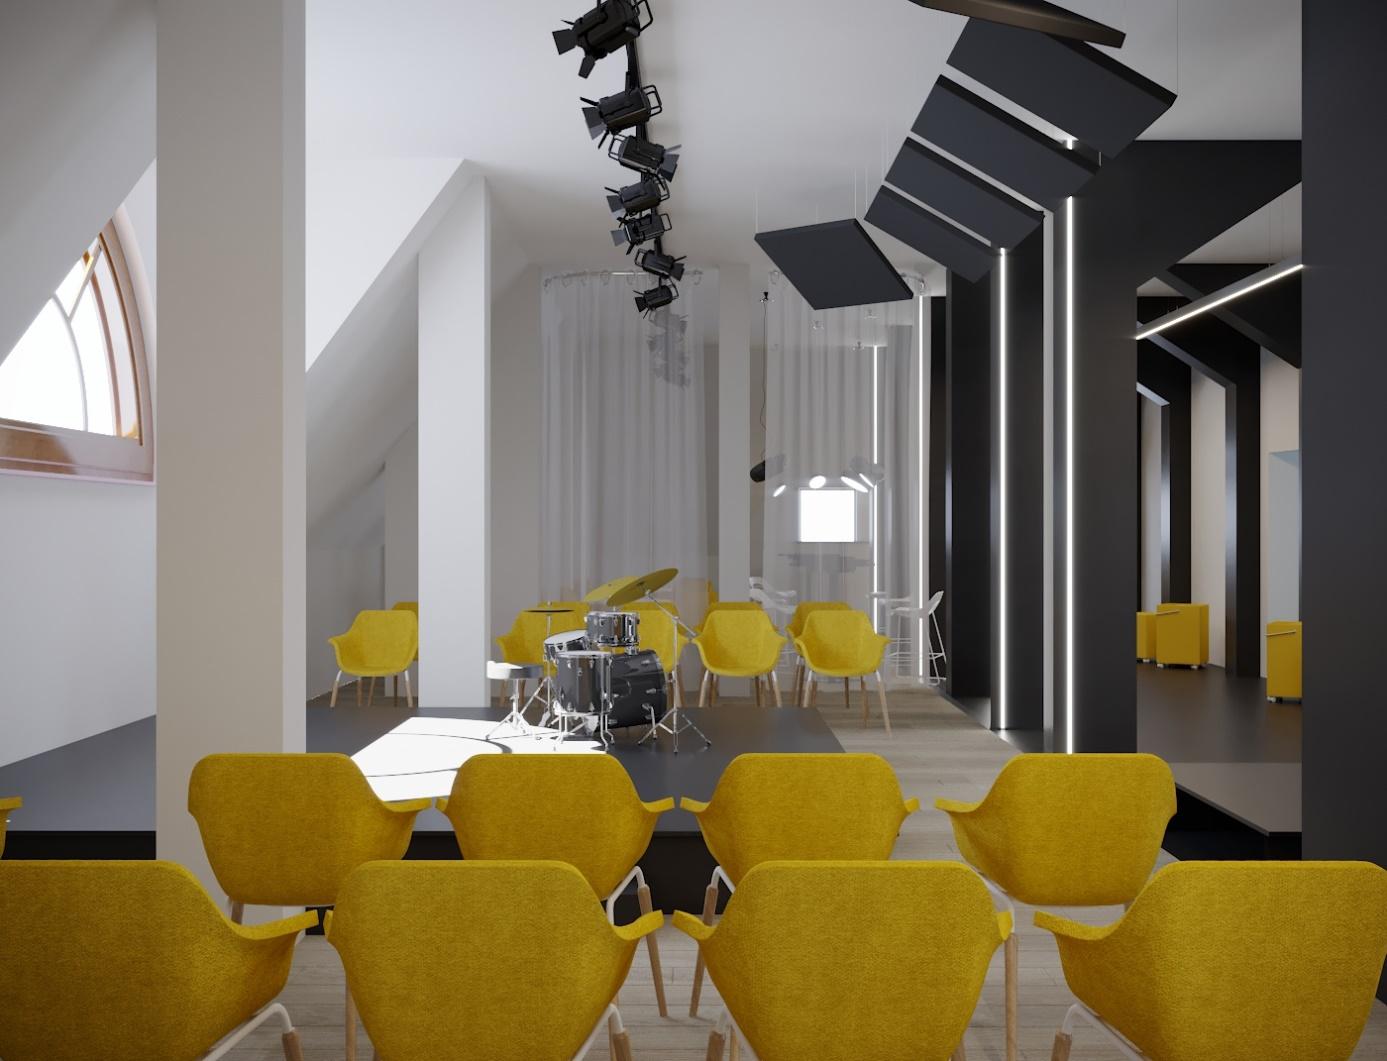 Sala ze sceną i krzesłami